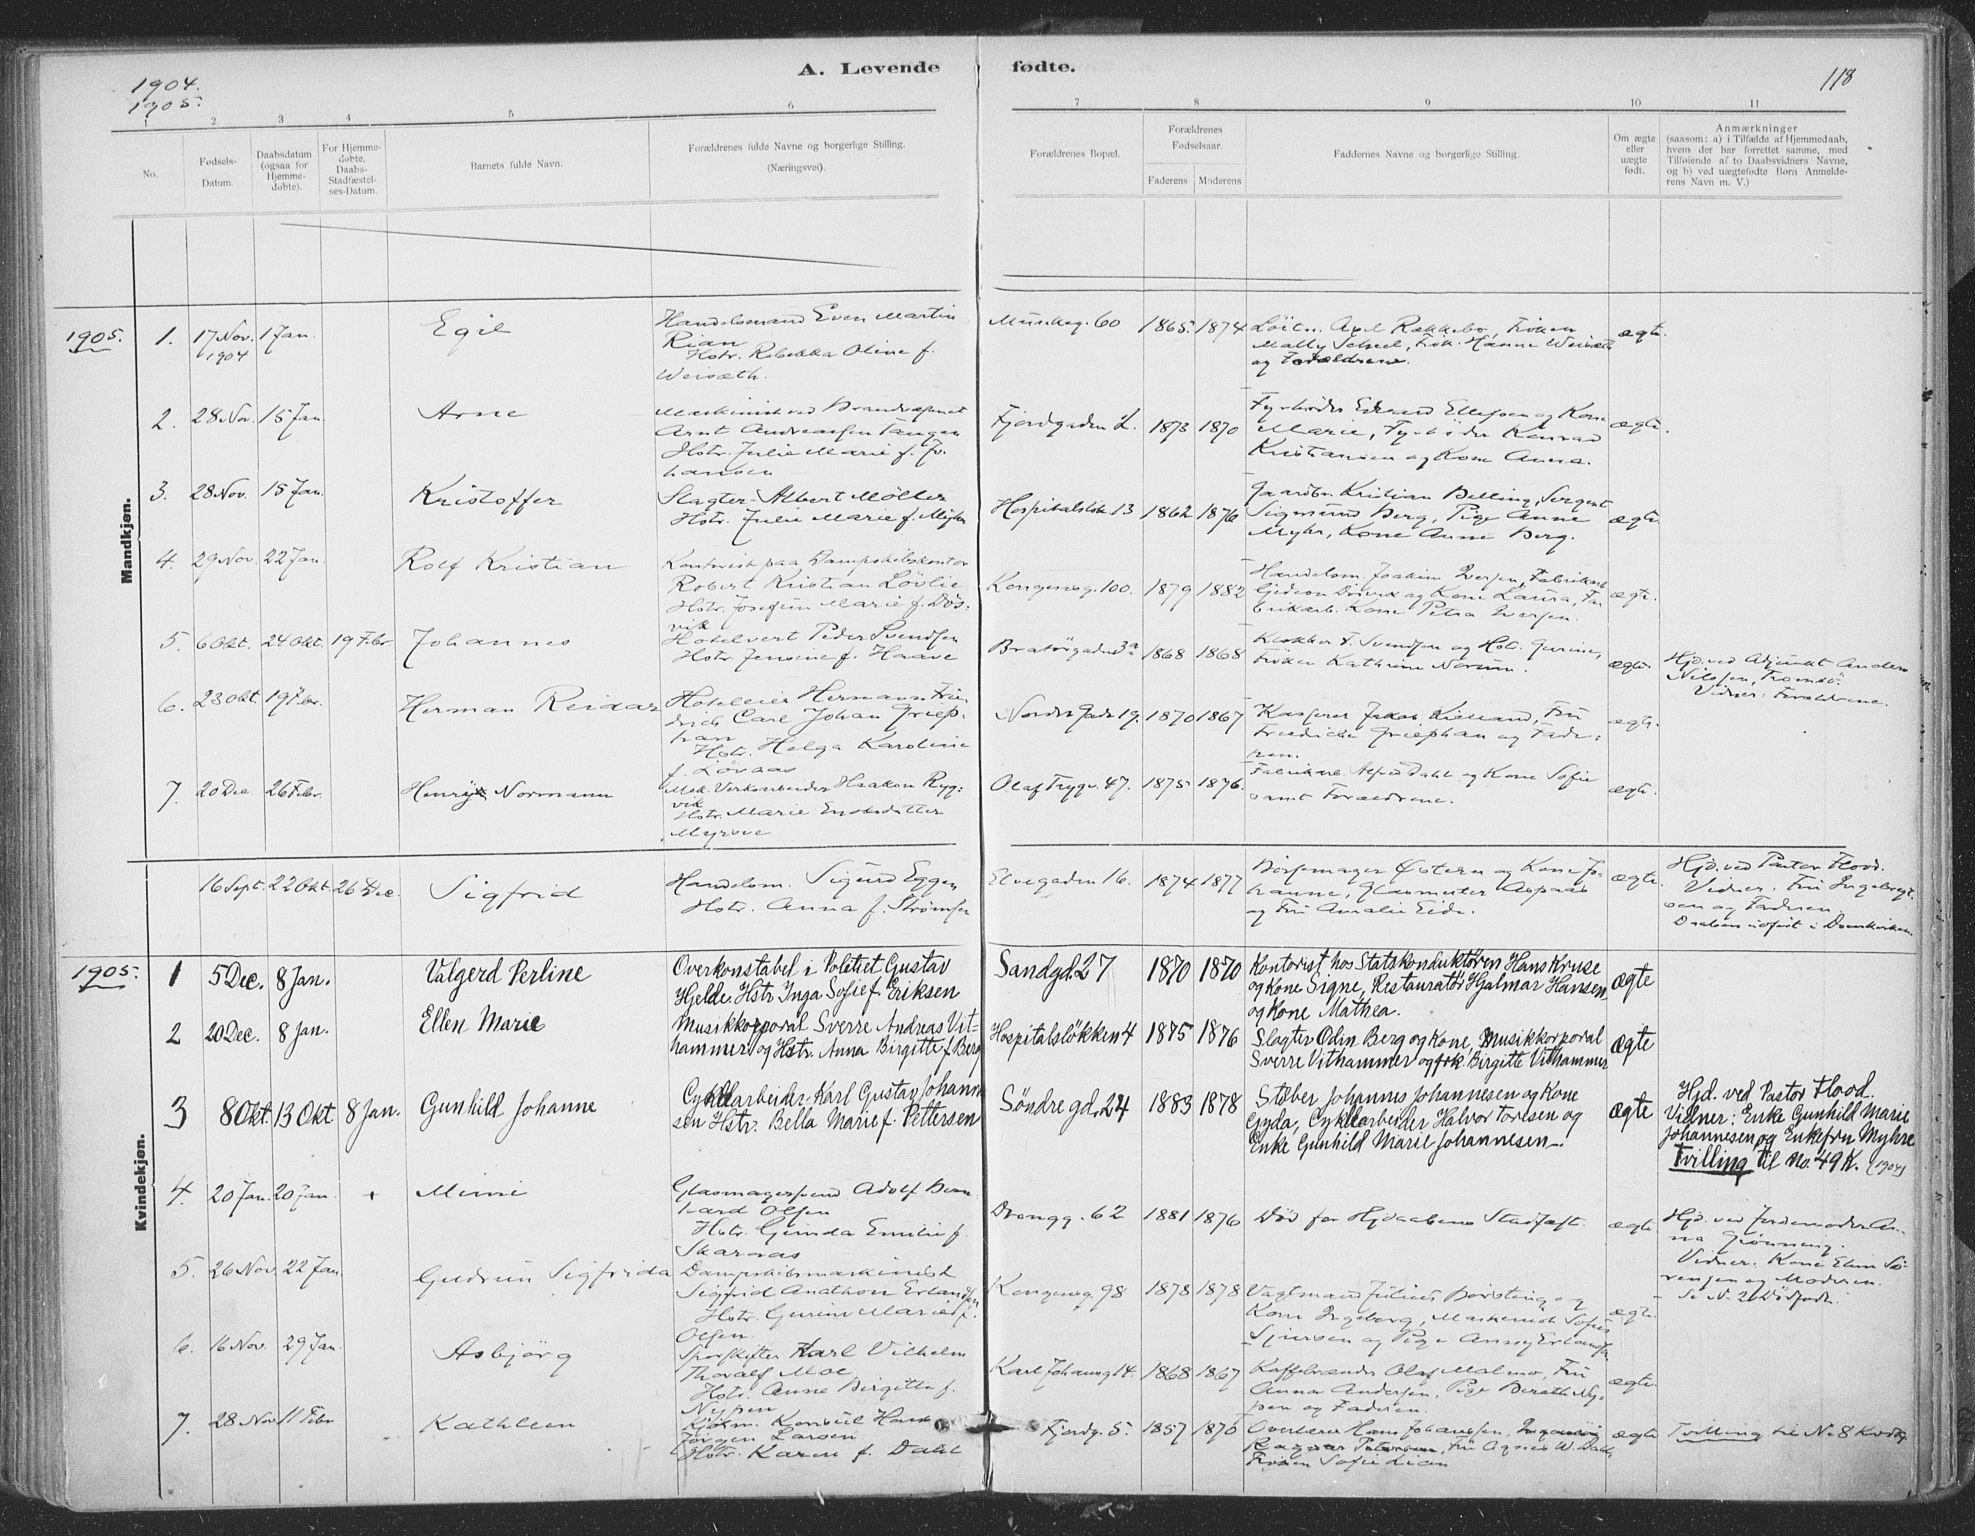 SAT, Ministerialprotokoller, klokkerbøker og fødselsregistre - Sør-Trøndelag, 602/L0122: Ministerialbok nr. 602A20, 1892-1908, s. 118